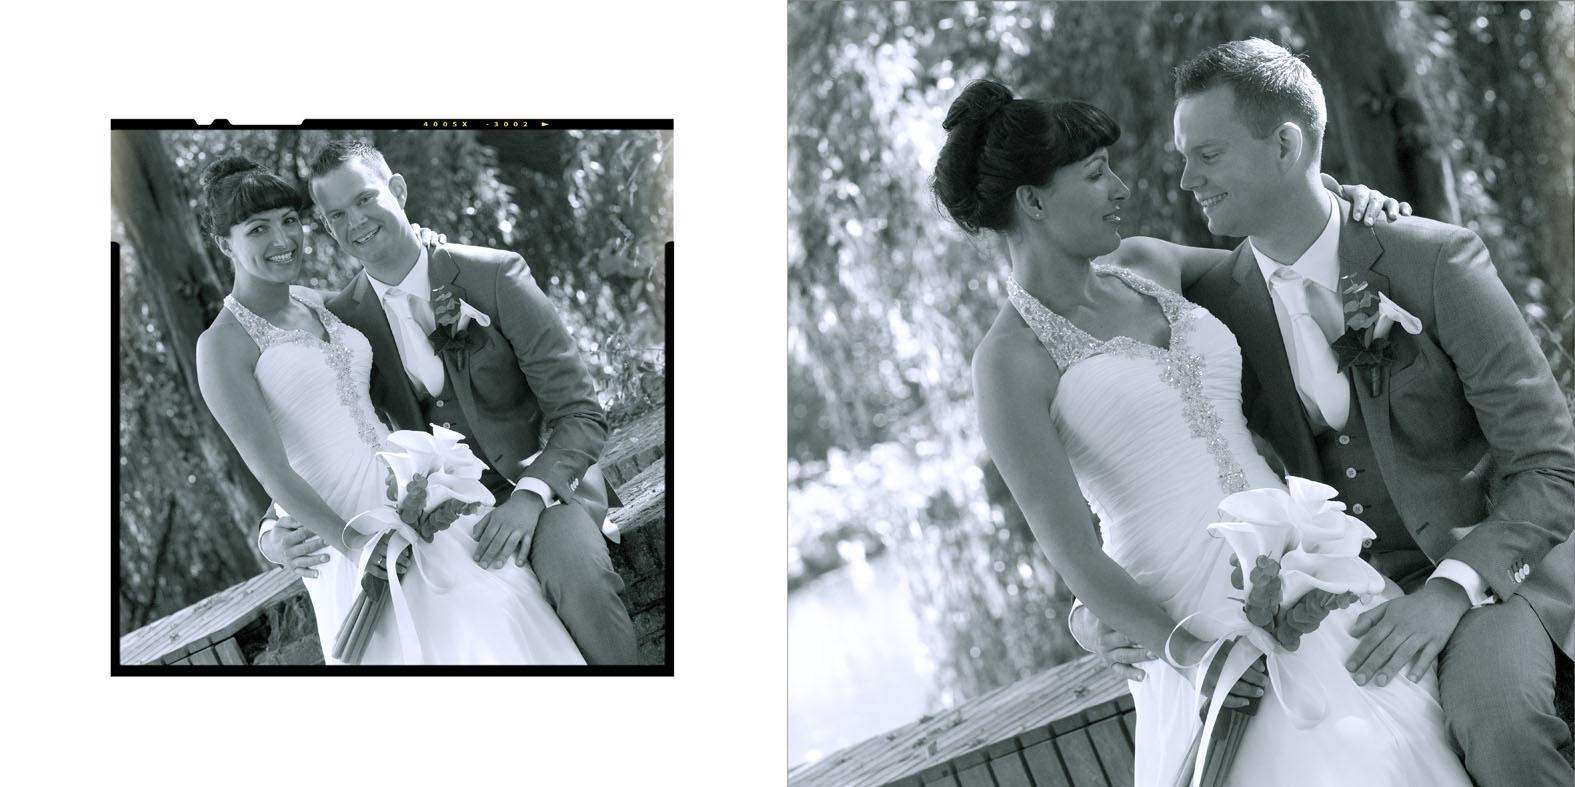 Niestadt-fotografie-Schoonhoven-trouw-fotos-Djulia-en-Guido-trouwboek-pagina-6